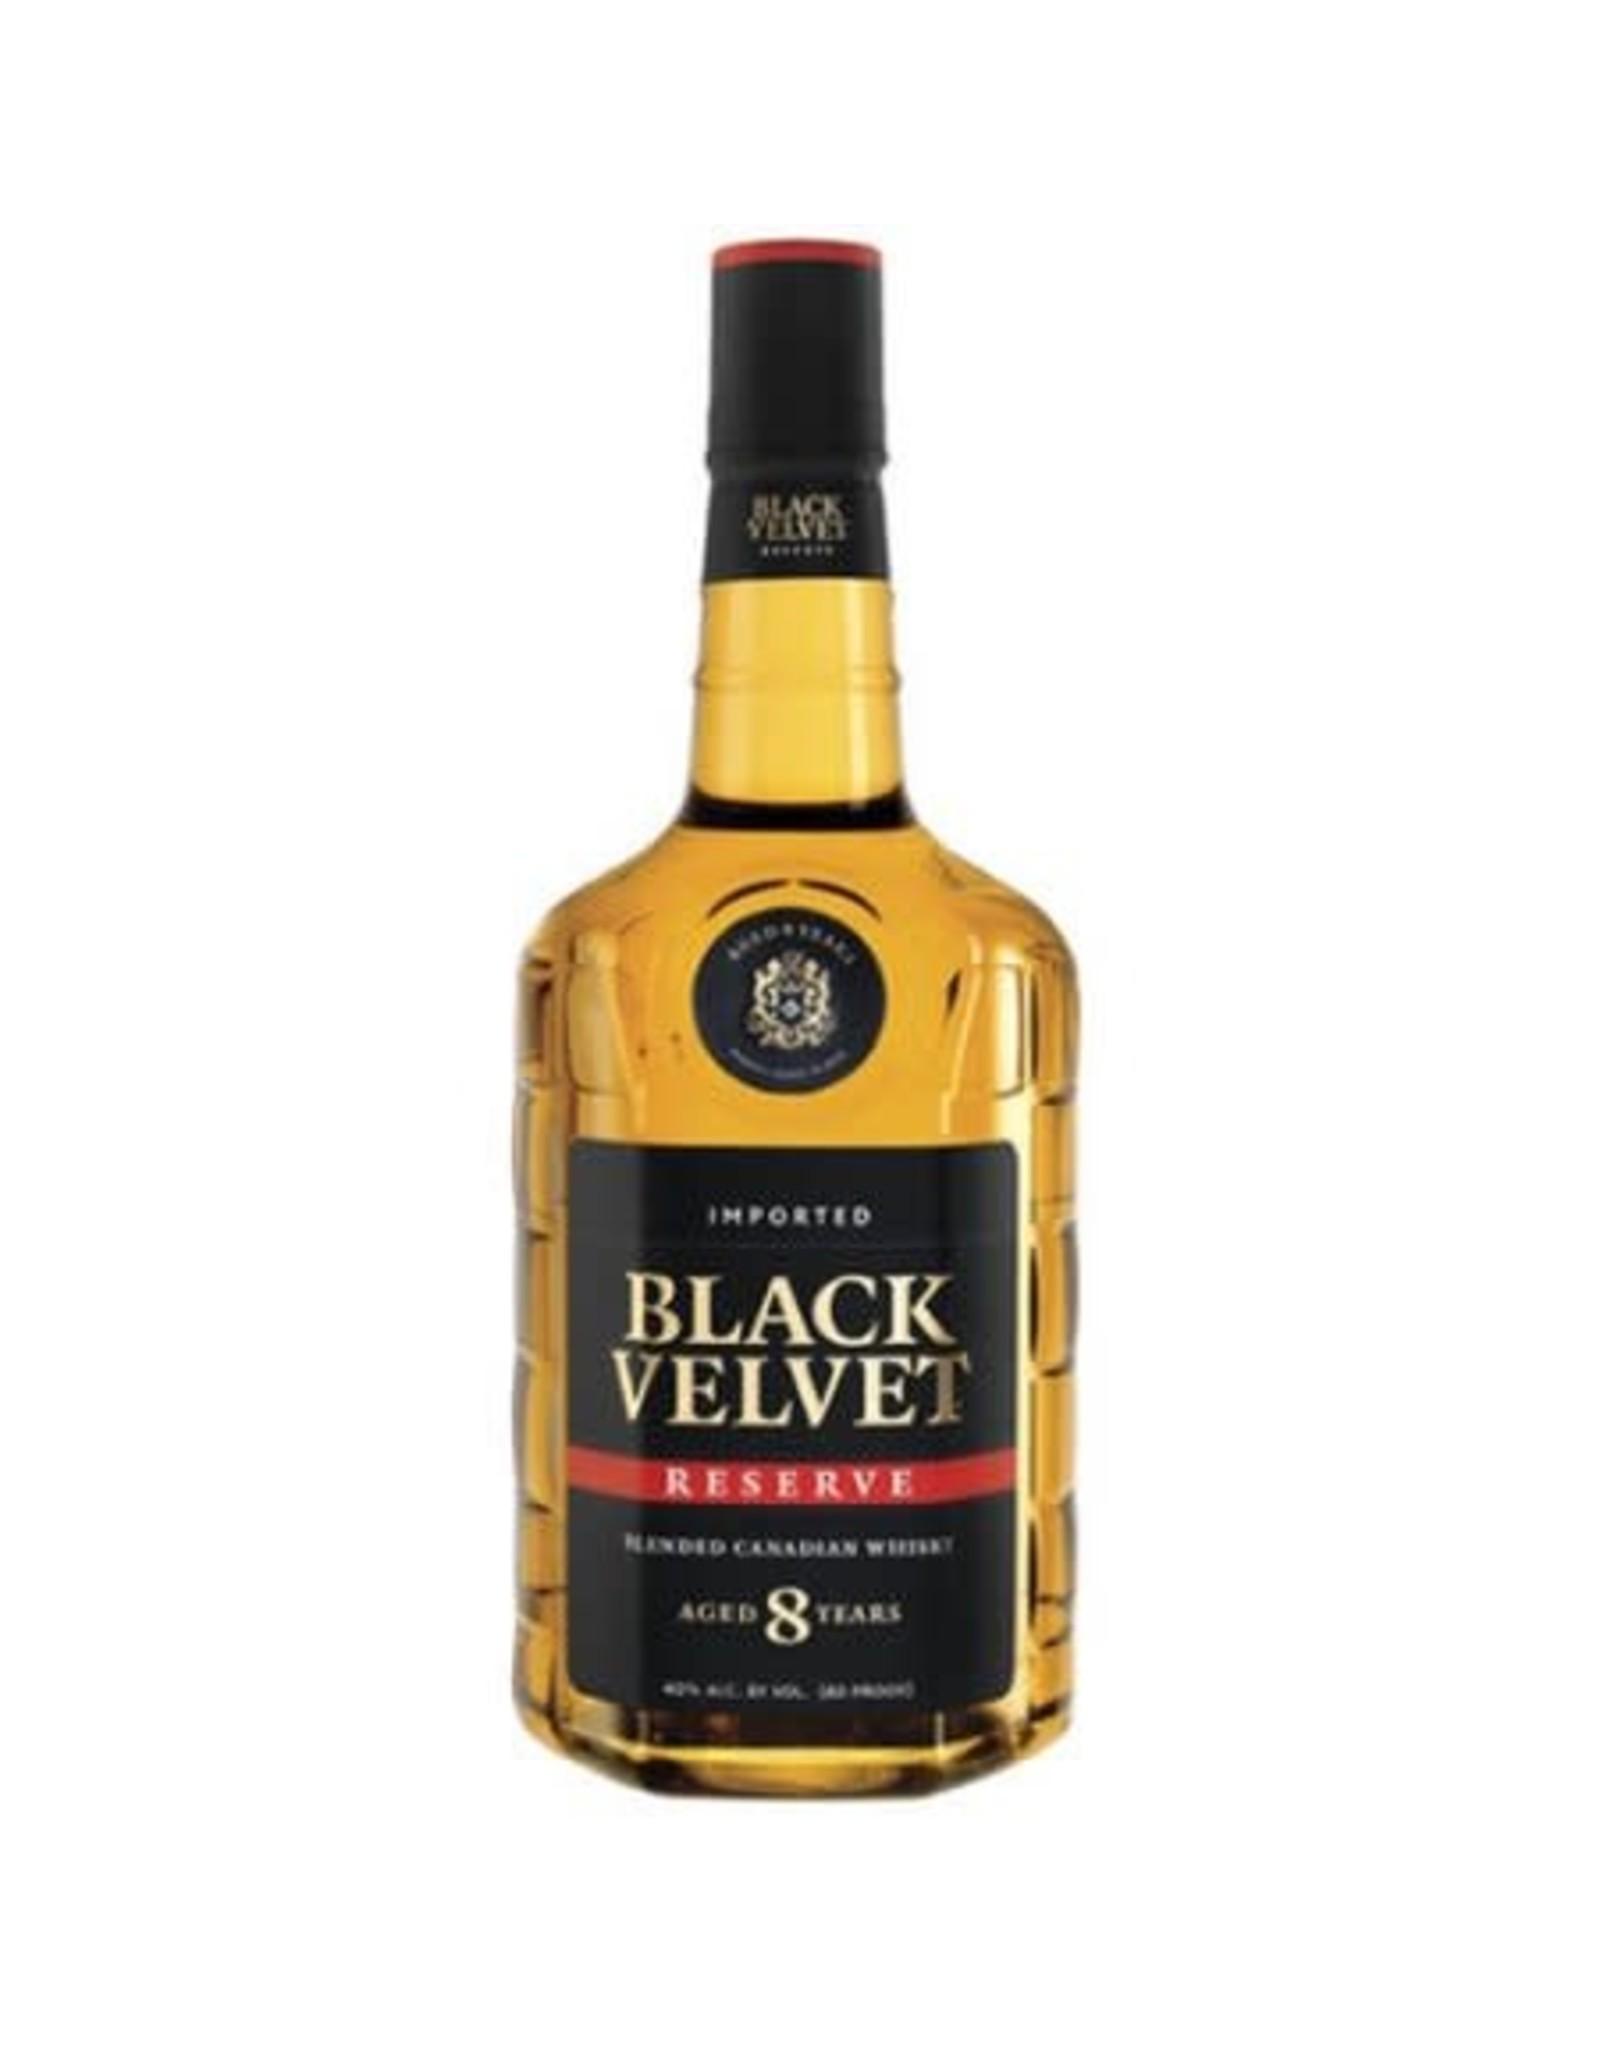 BLACK VELVET RESERVE 1.75L